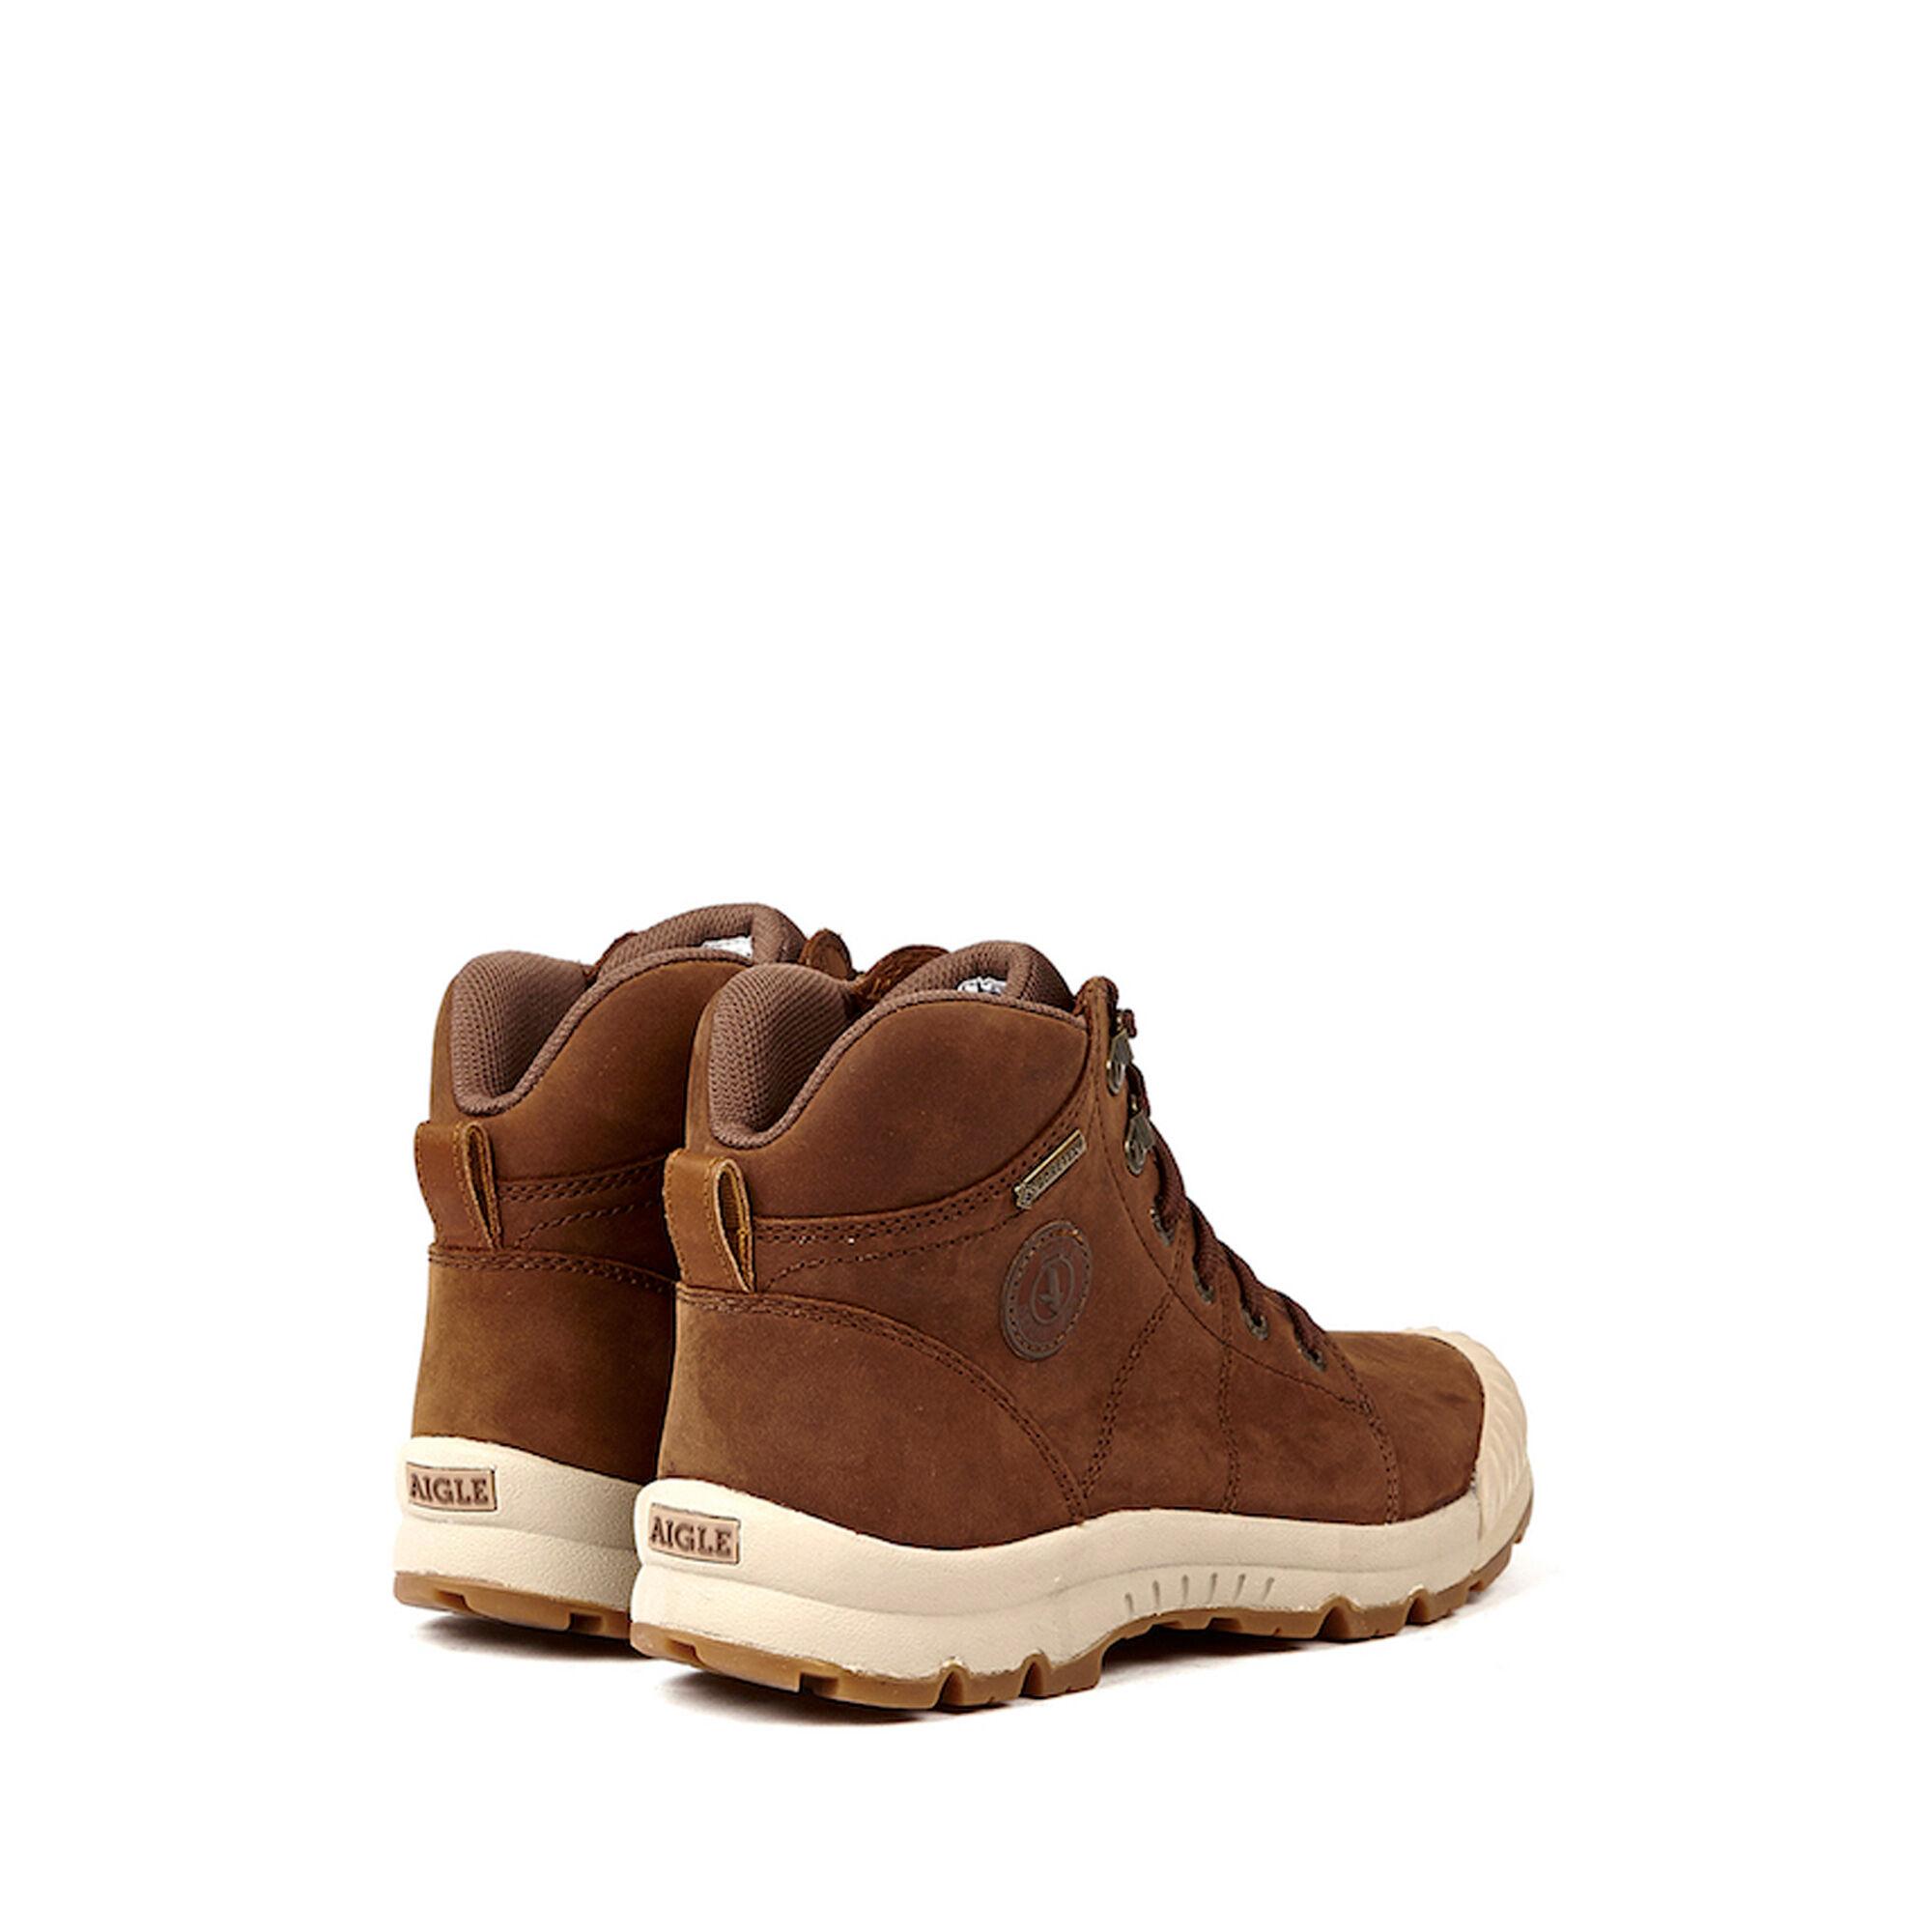 chaussures de marche gore tex femme femme aigle. Black Bedroom Furniture Sets. Home Design Ideas